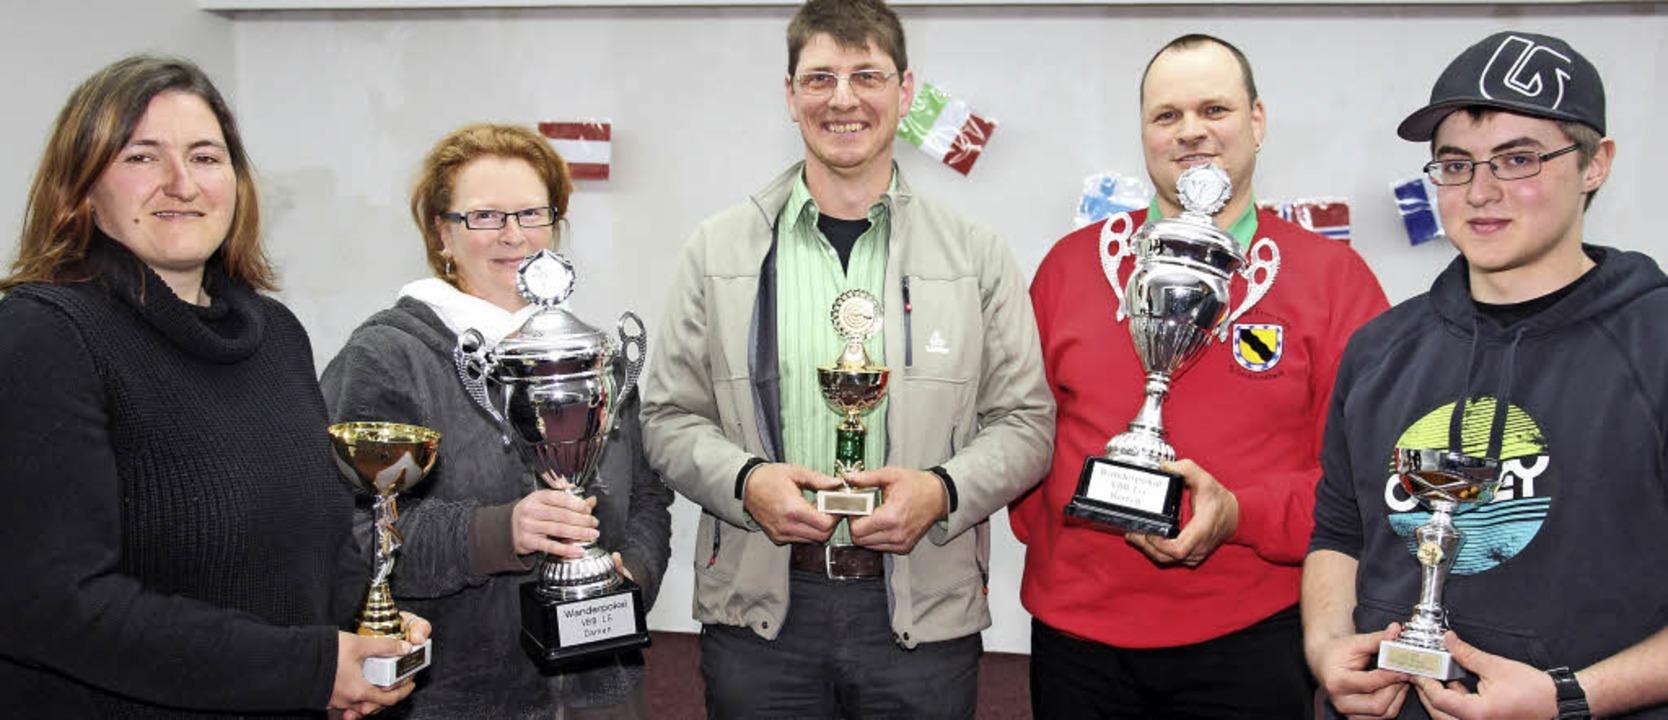 Strahlende Sieger des Schießwettbewerb...mas Winterhalder und  Lucian Willmann.  | Foto: Eva Korinth